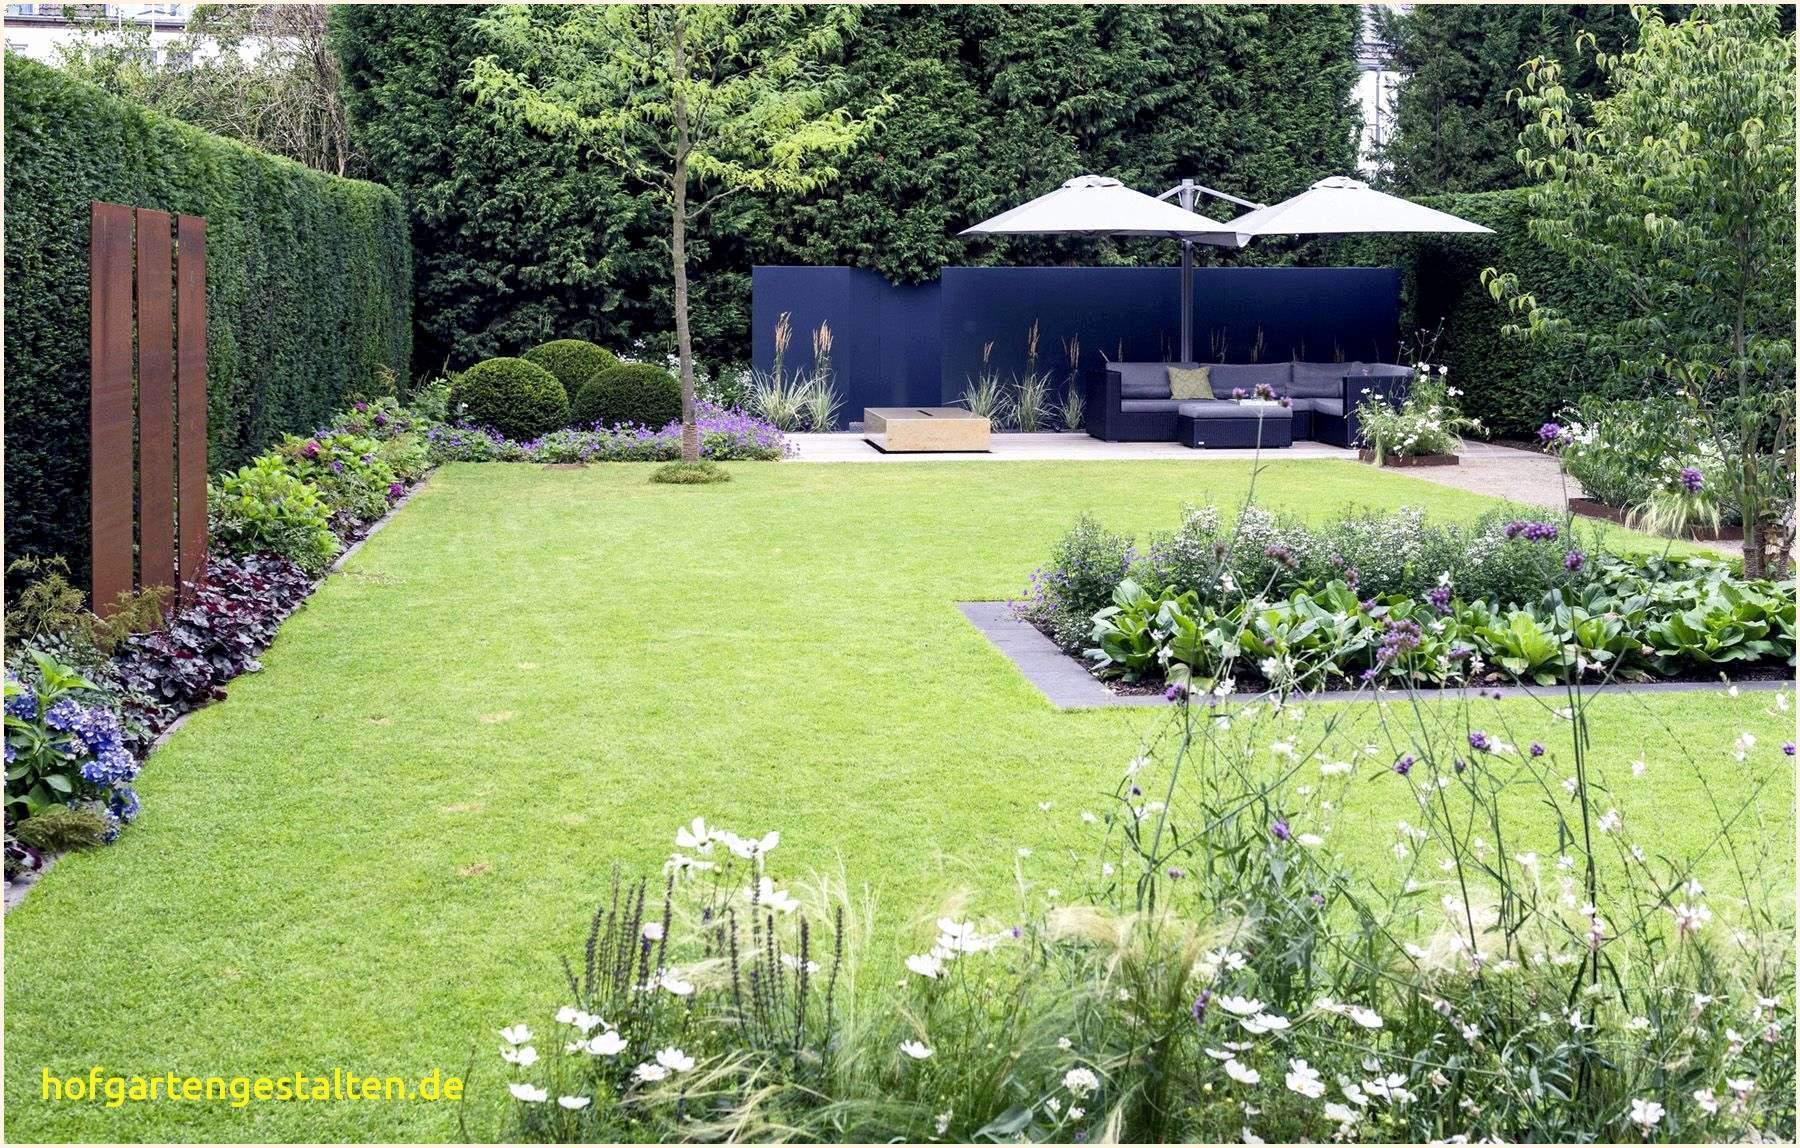 Toilette Im Garten Sickergrube Inspirierend 35 Frisch Garten Winter Genial Garten Anlegen